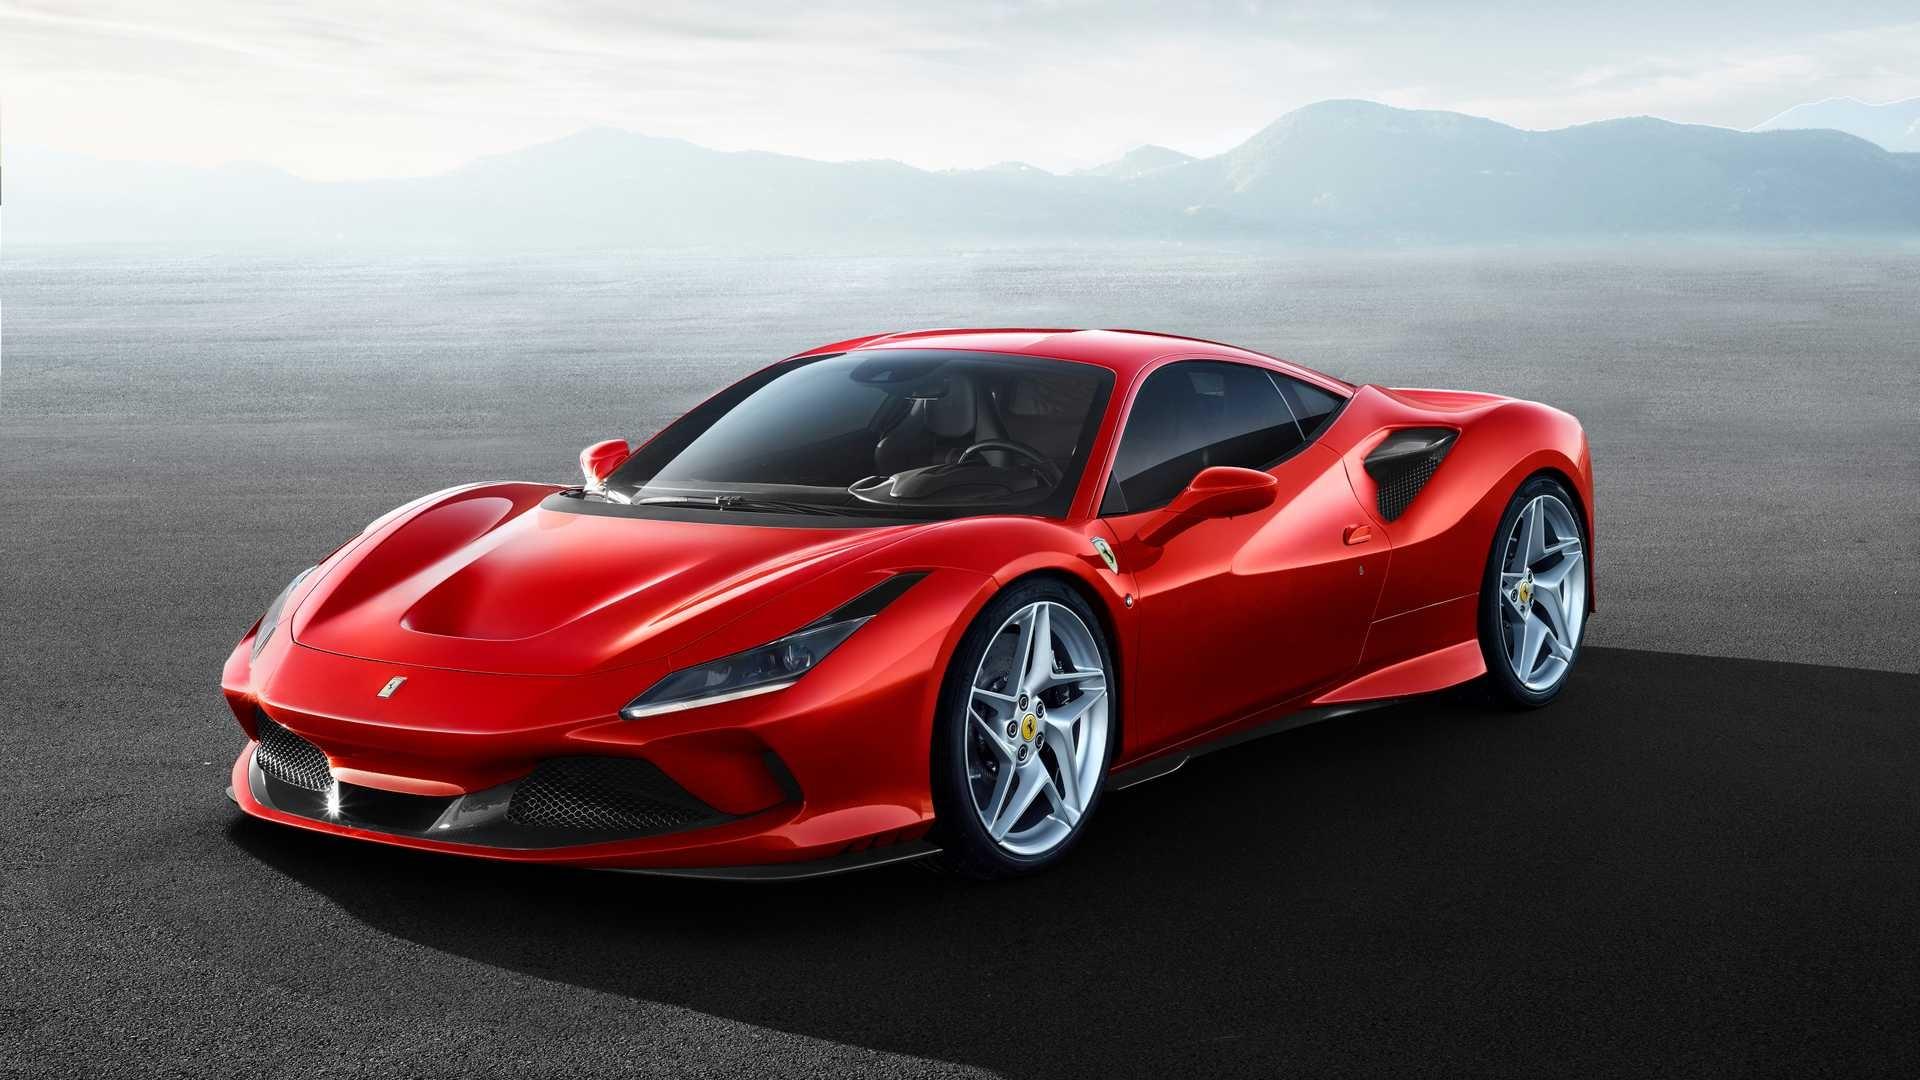 'Siêu ngựa' Ferrari F8 Tributo ra mắt thay thế 488 GTB